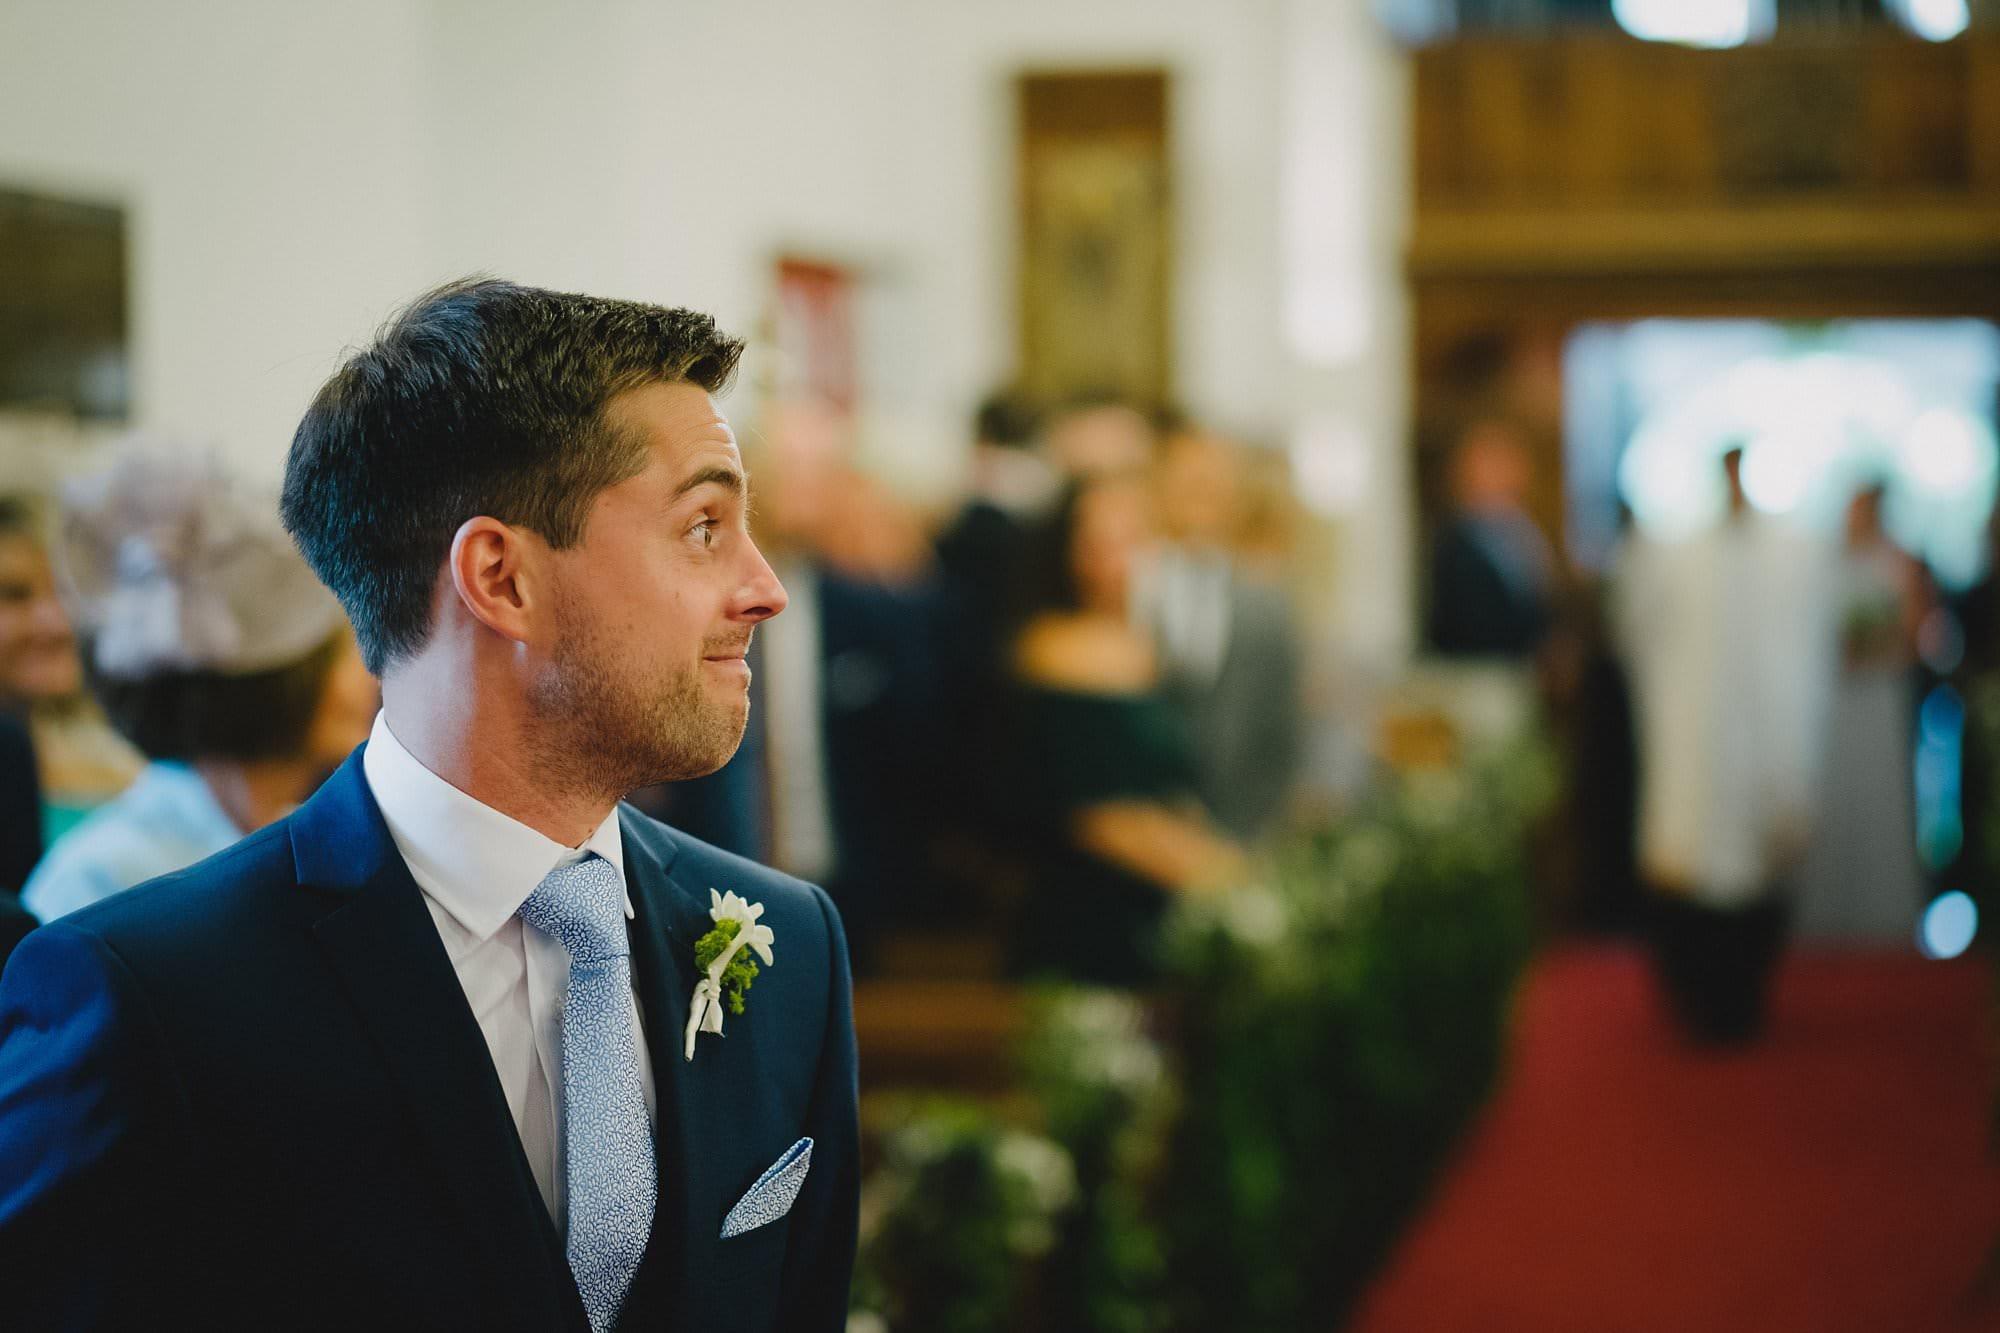 ashtead london wedding photographer 034 - Rachel & Jonny's Ashtead Wedding